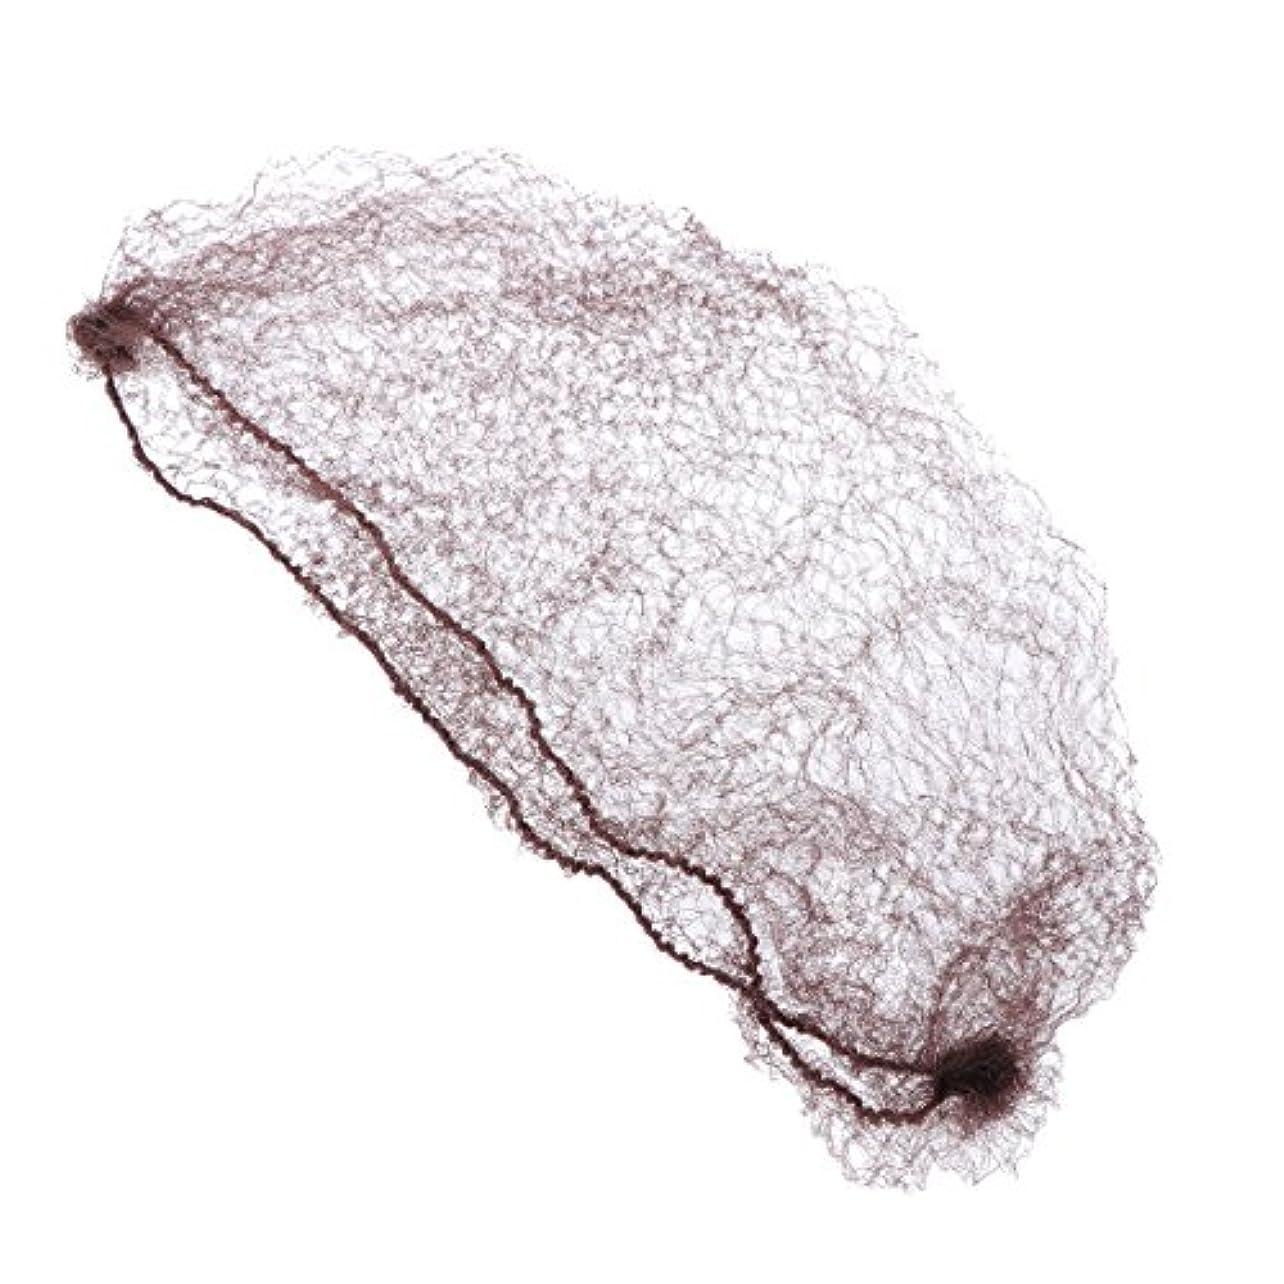 ティーンエイジャーハウス耐久Frcolor ヘアネット 髪束ねネット 目に見えない 弾性 団子ドレスアップ アクセサリー 再利用可能 50本 (コーヒー/ 50cm)